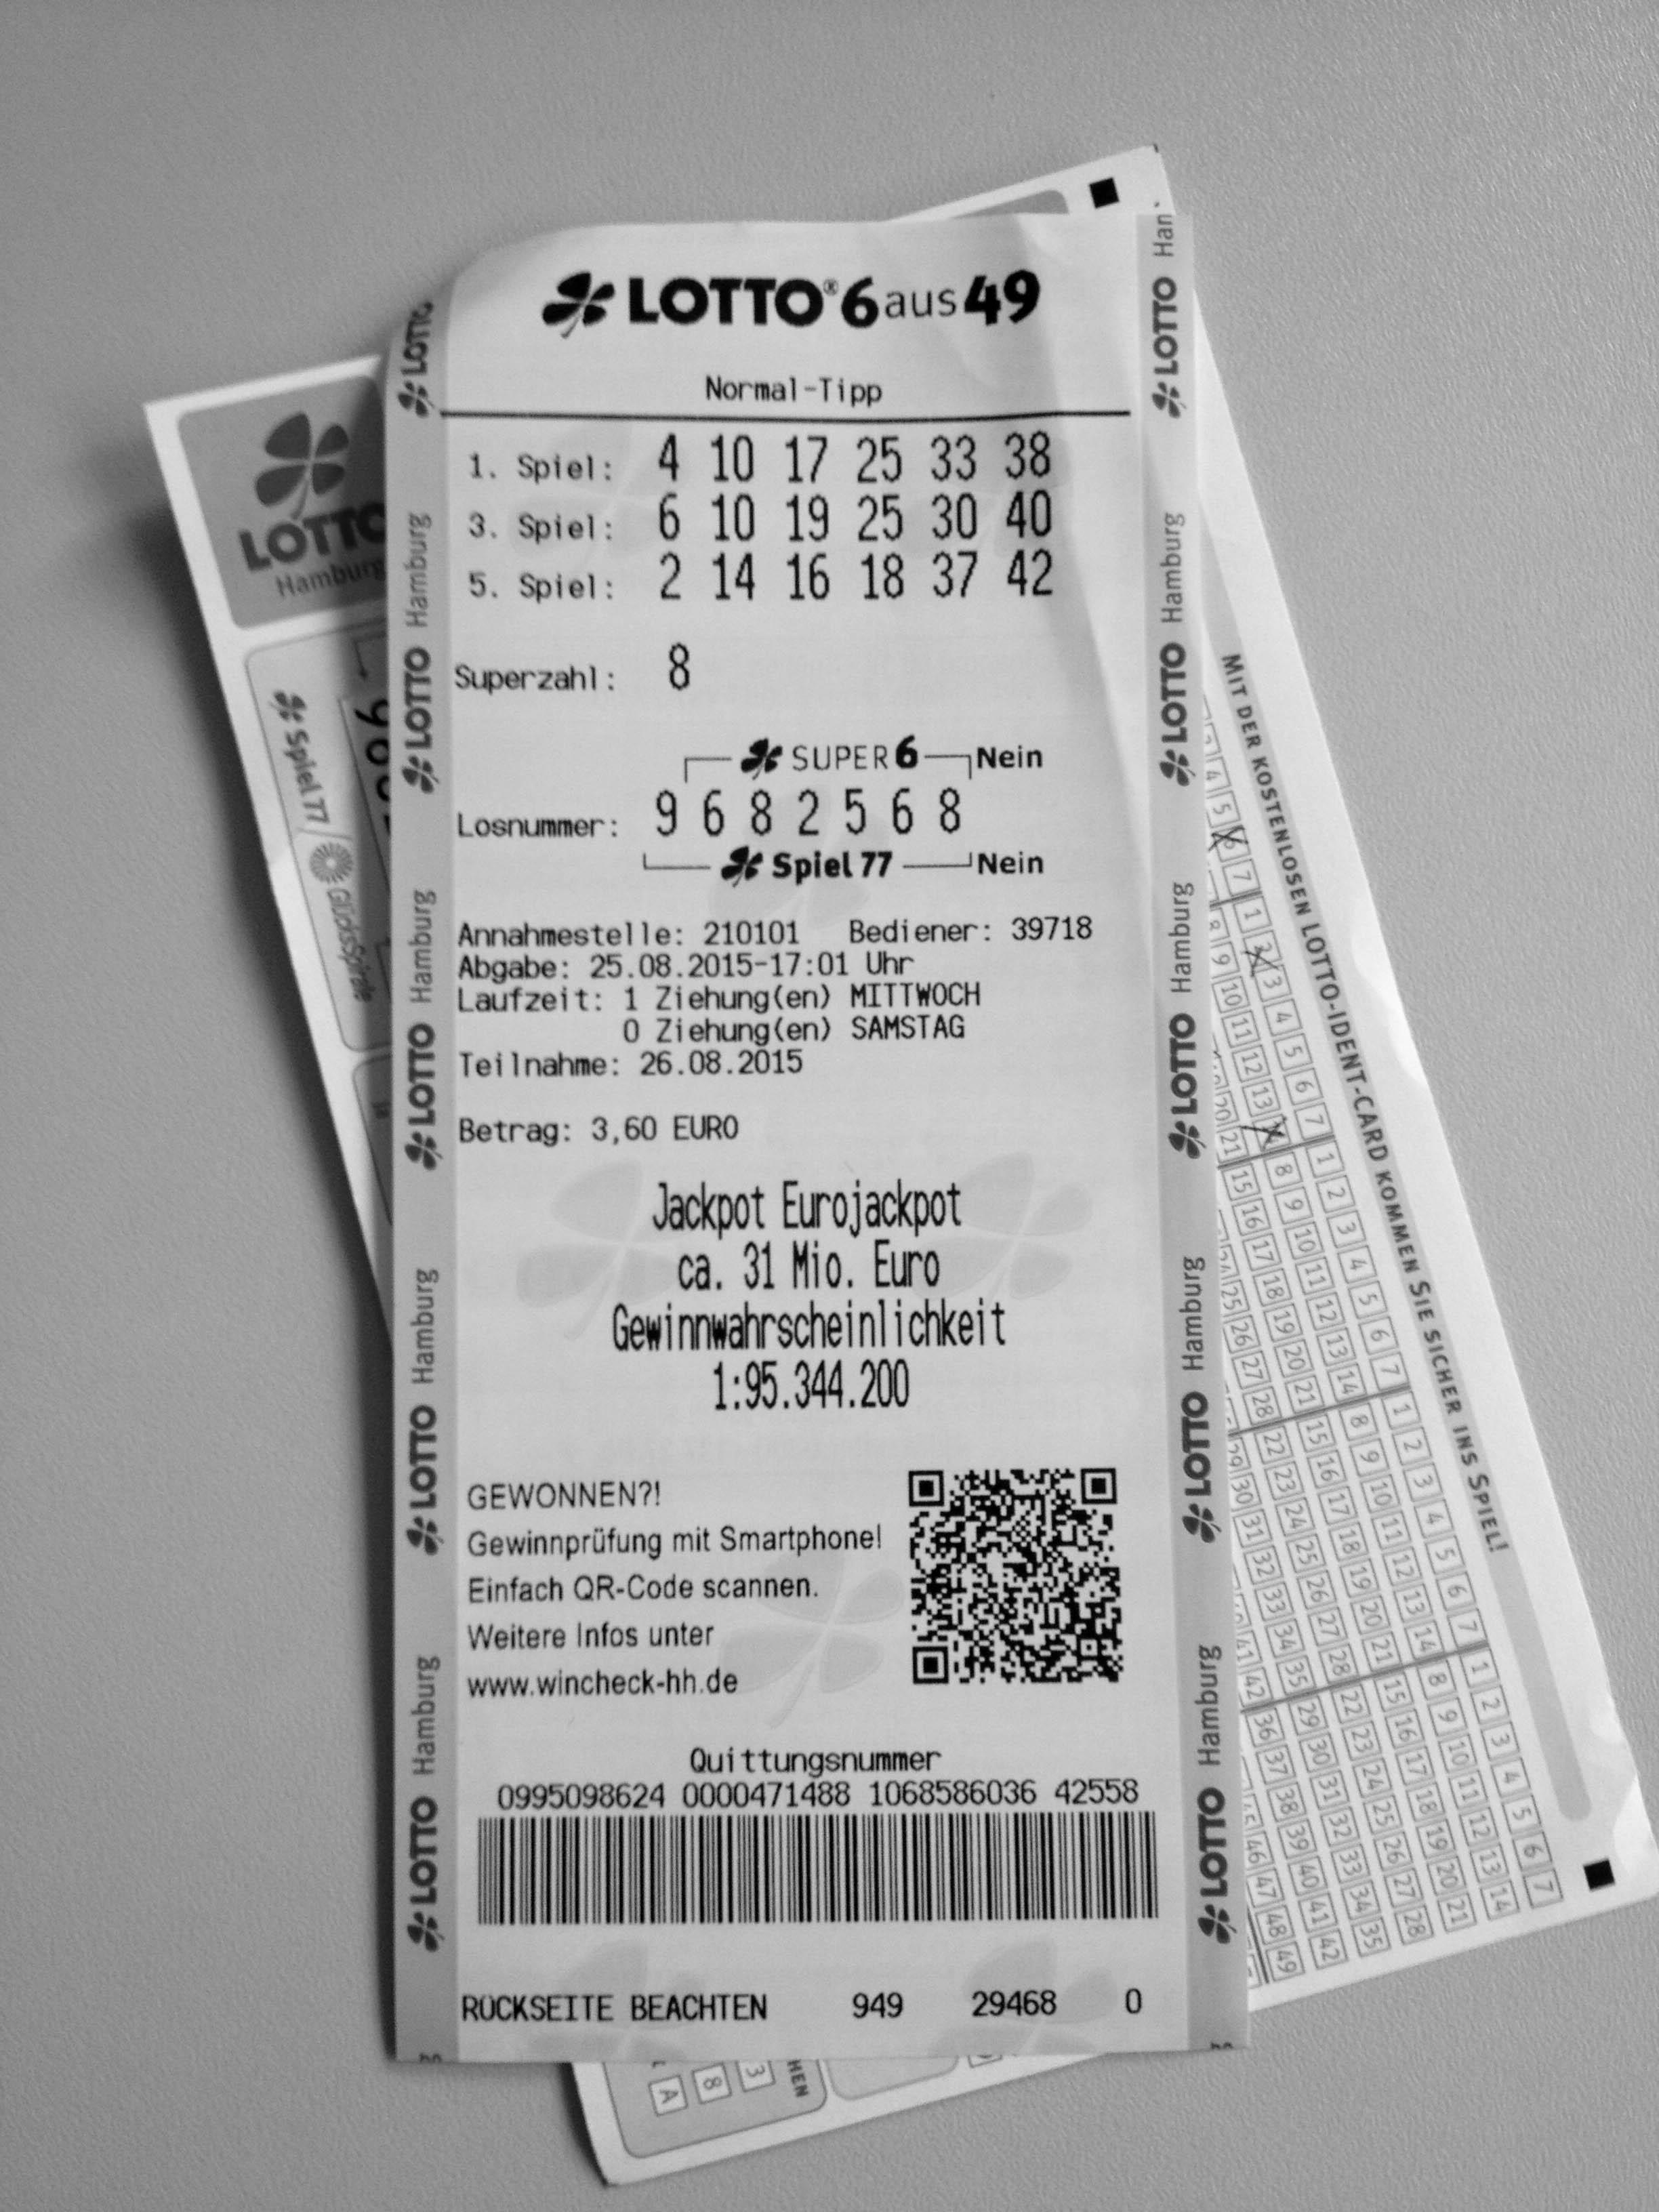 Lotto schein